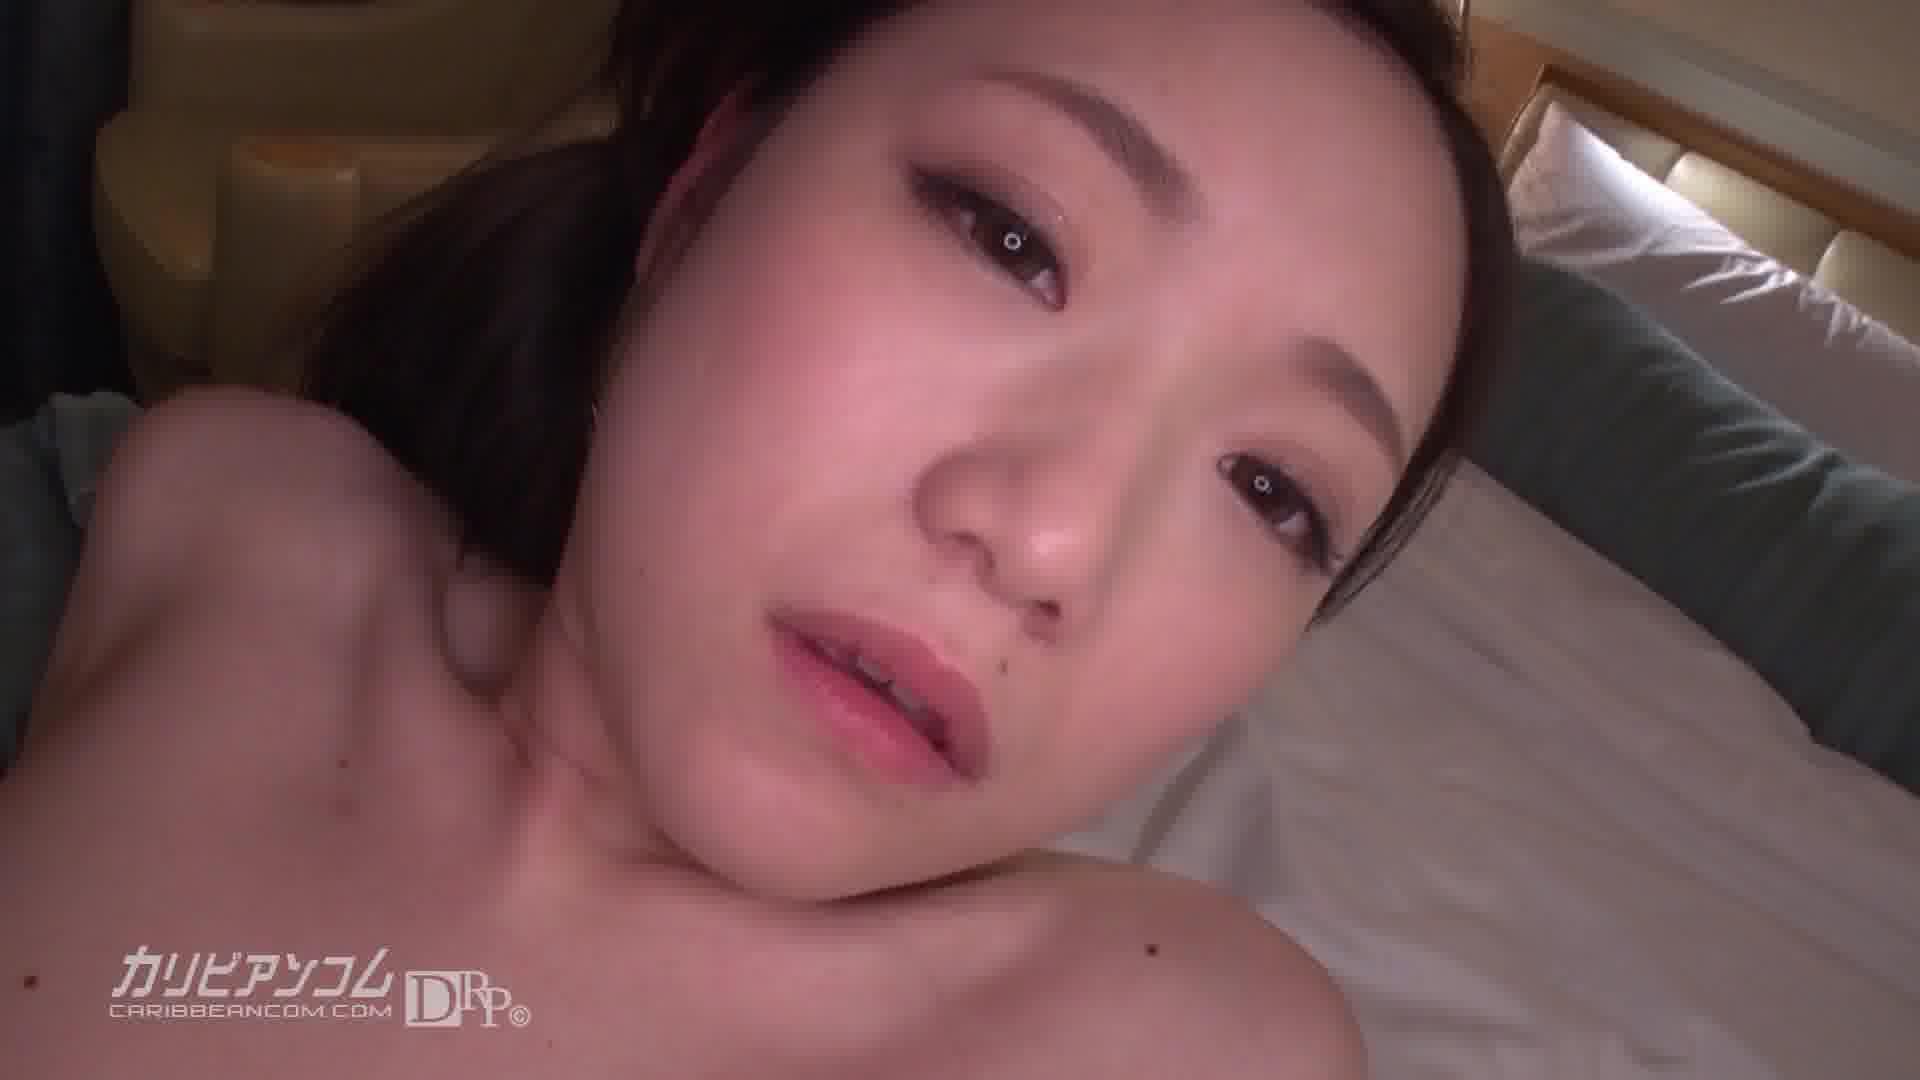 リベンジスイートルーム ~瀬奈まおという受付嬢~ - 瀬奈まお【乱交・OL・ハード系】